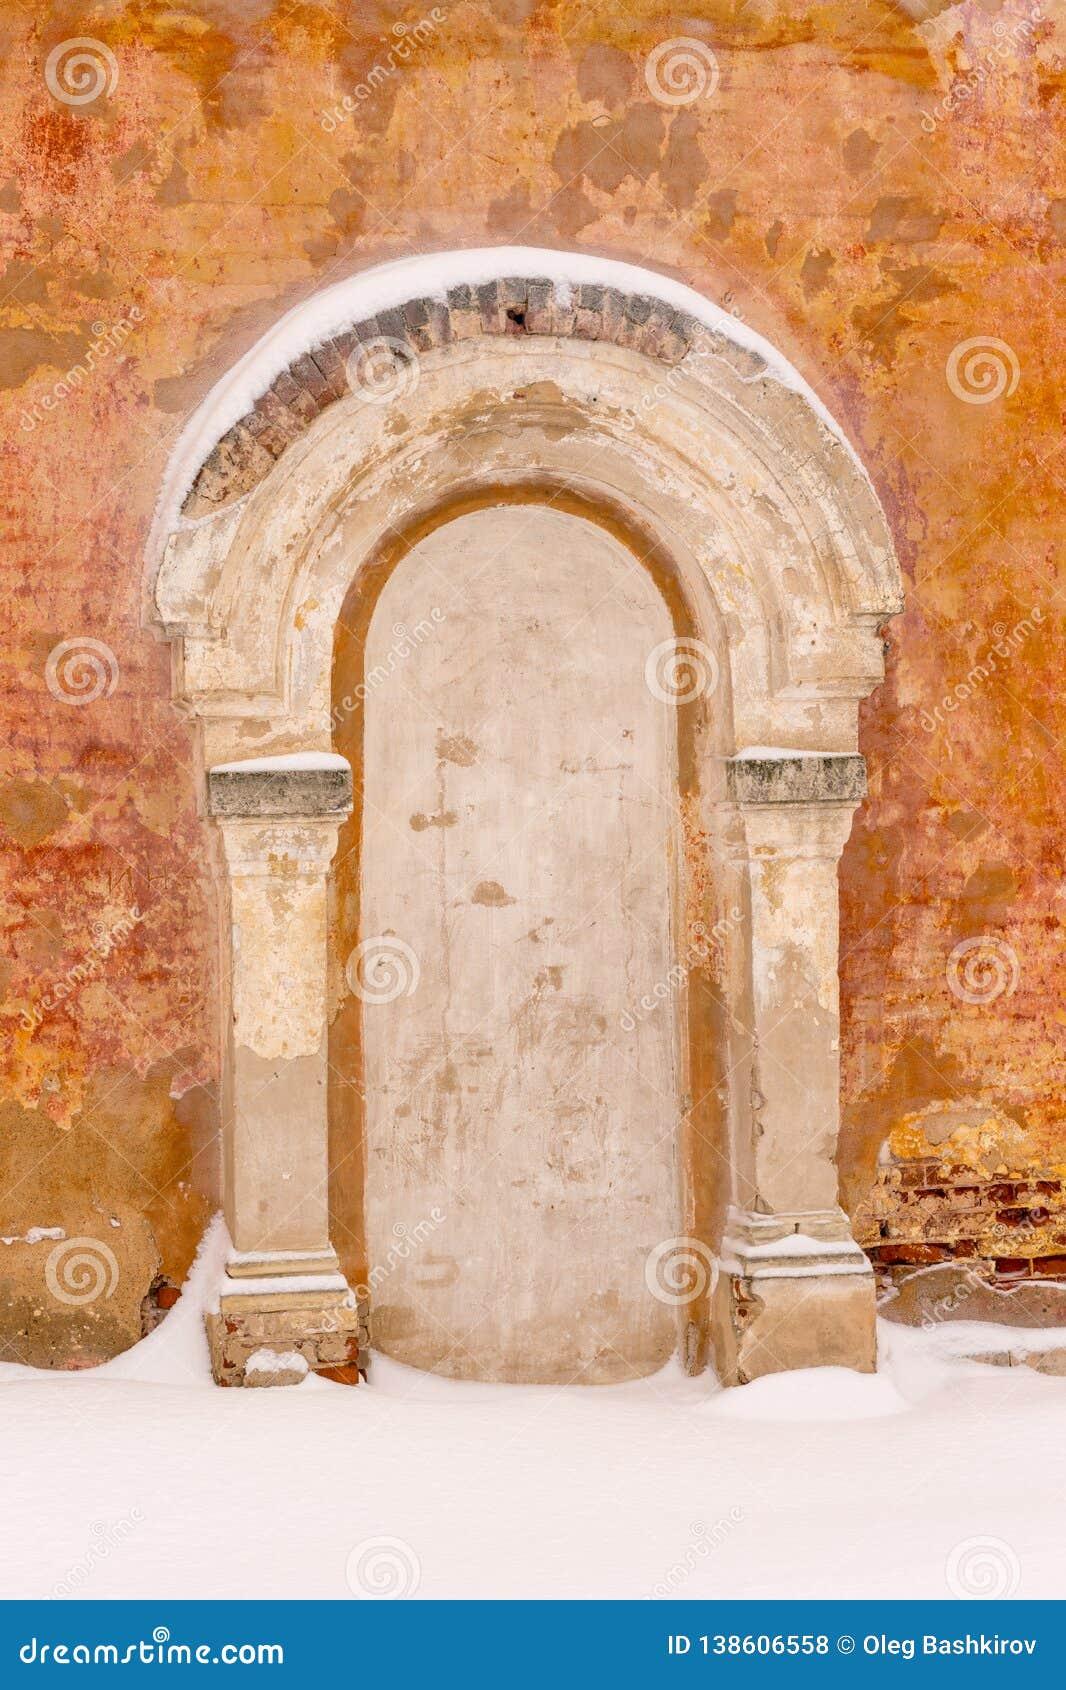 Επάνω η πόρτα με μια σκεπαστή είσοδο πρόσοψης και δύο στήλες στις πλευρές στο υπόβαθρο του παλαιού πορτοκαλιού επικονίασαν τον το